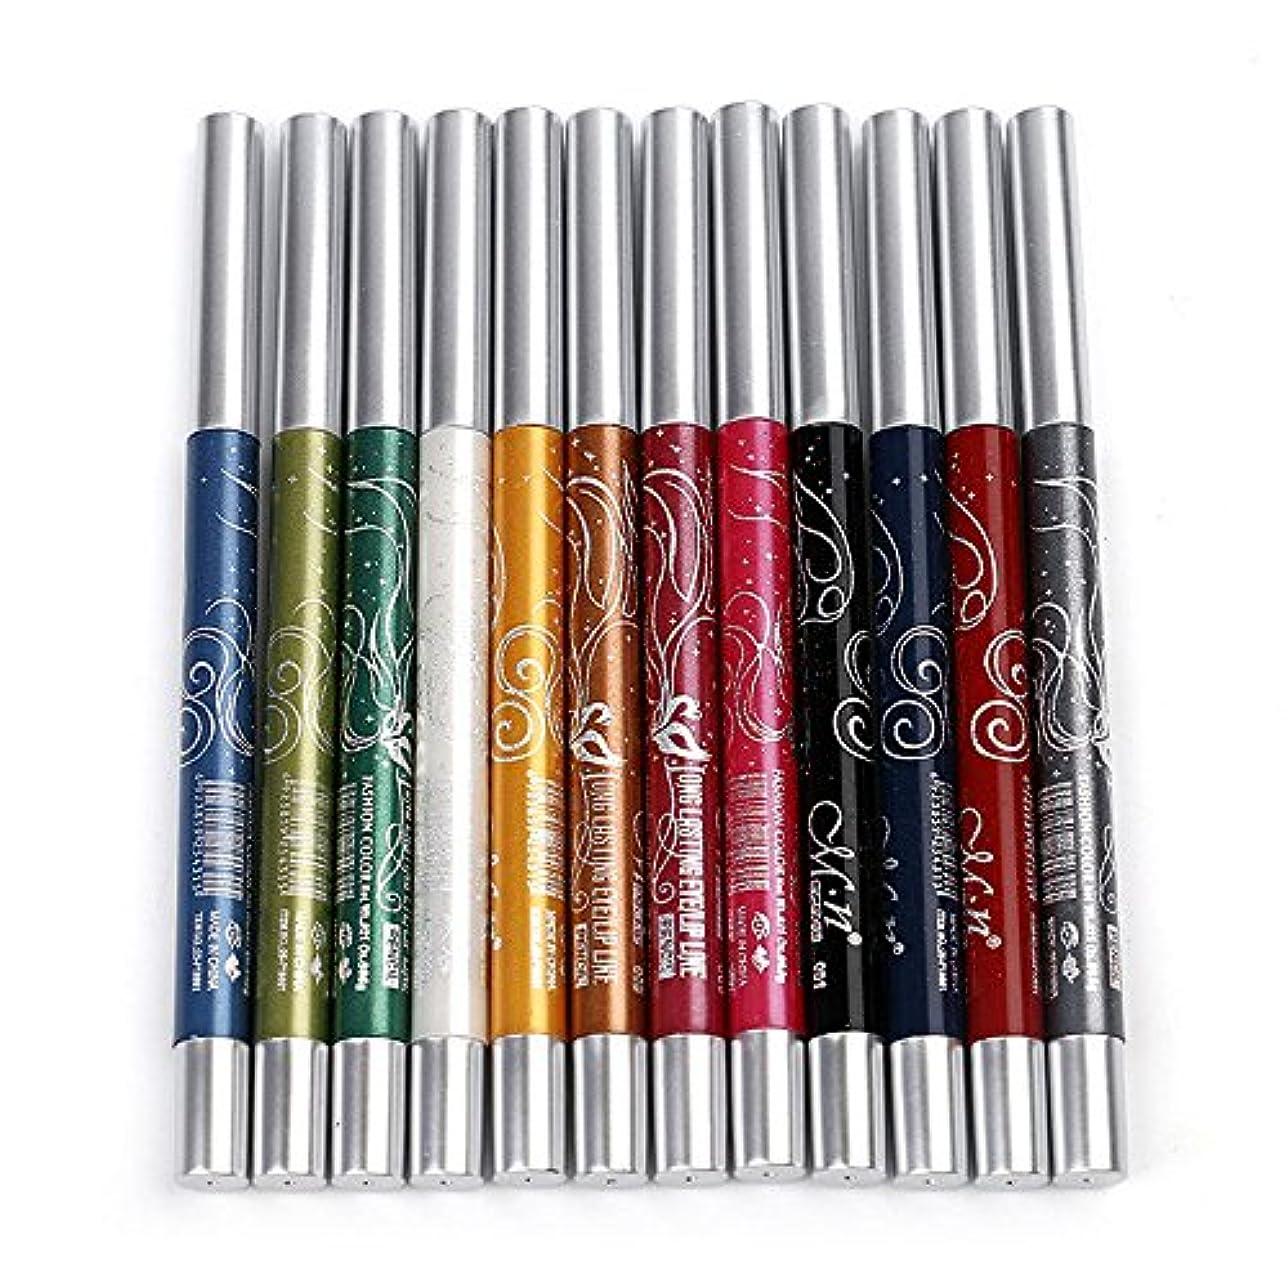 粘性の儀式やけどMenow 12色長持ちするアイシャドーアイライナーリップライナーペンメイクアップビューティー